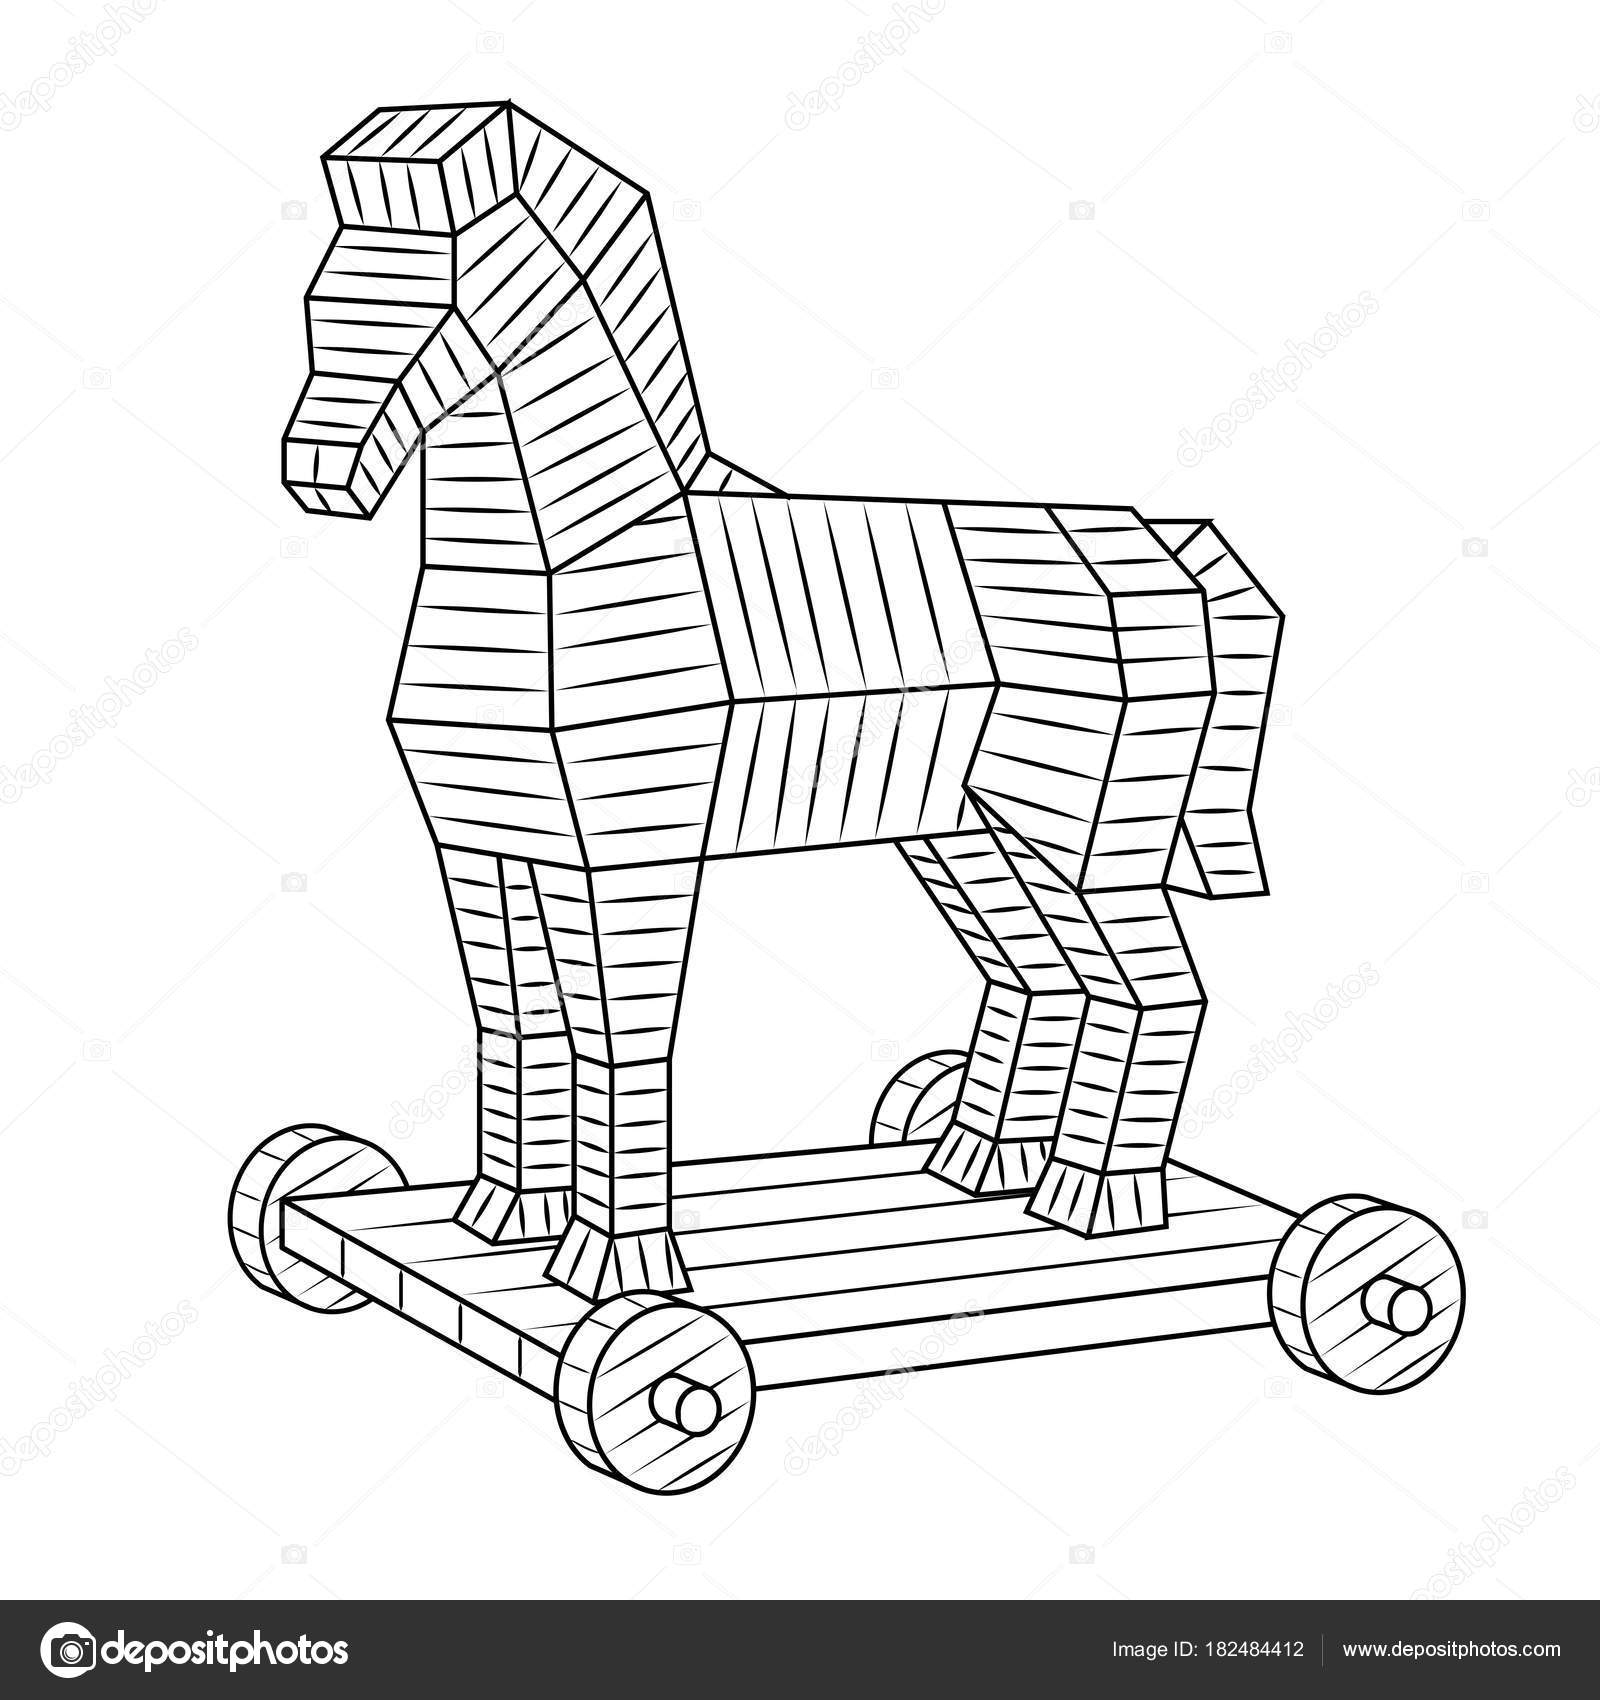 Cheval de troie vecteur de livre colorier image - Dessin facile de cheval ...